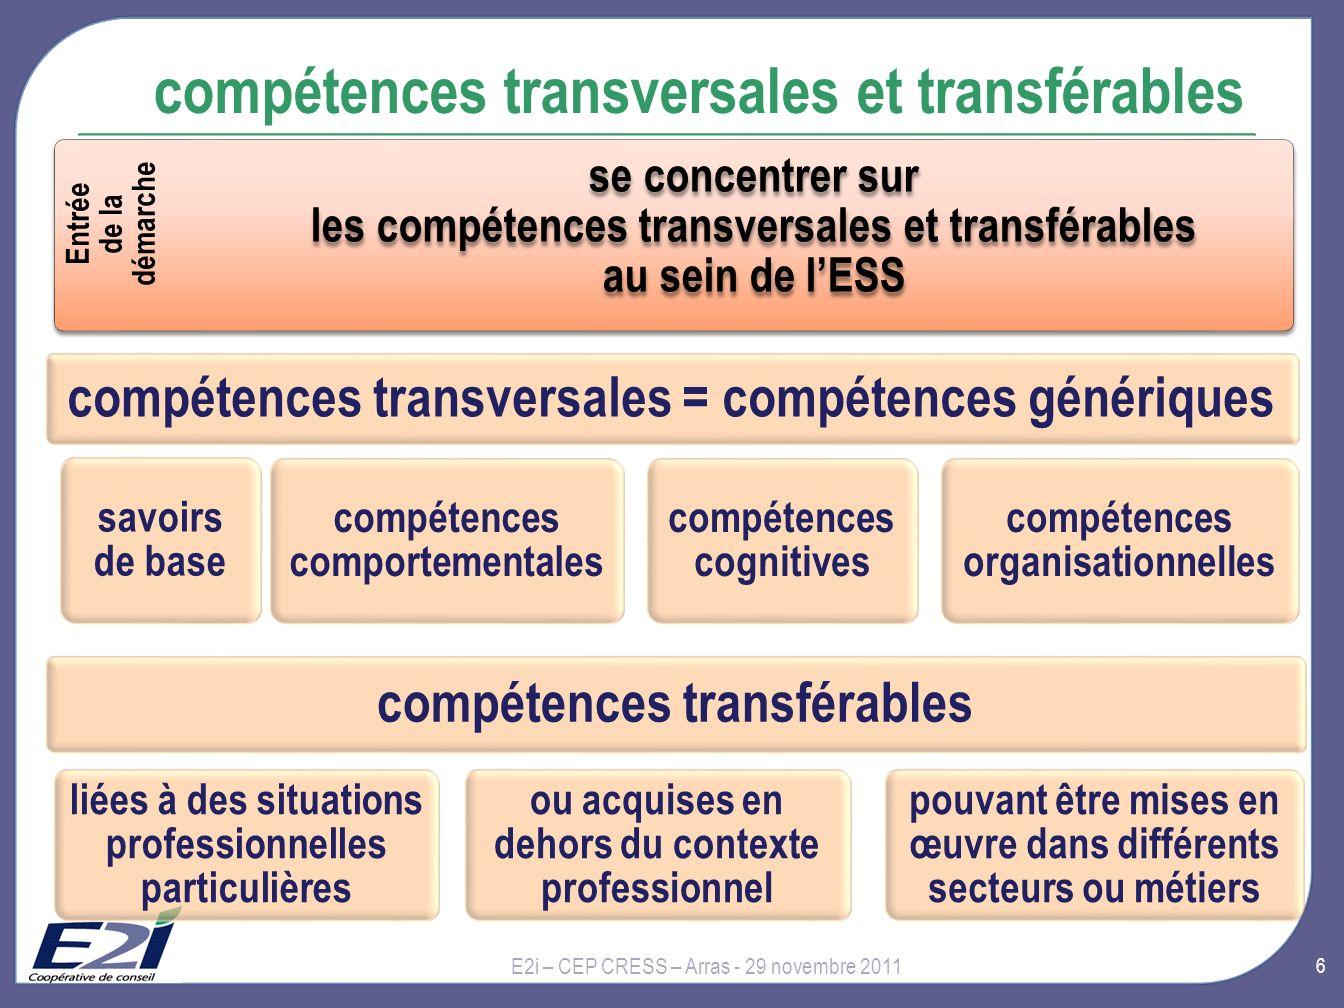 compétences transversales et transférables